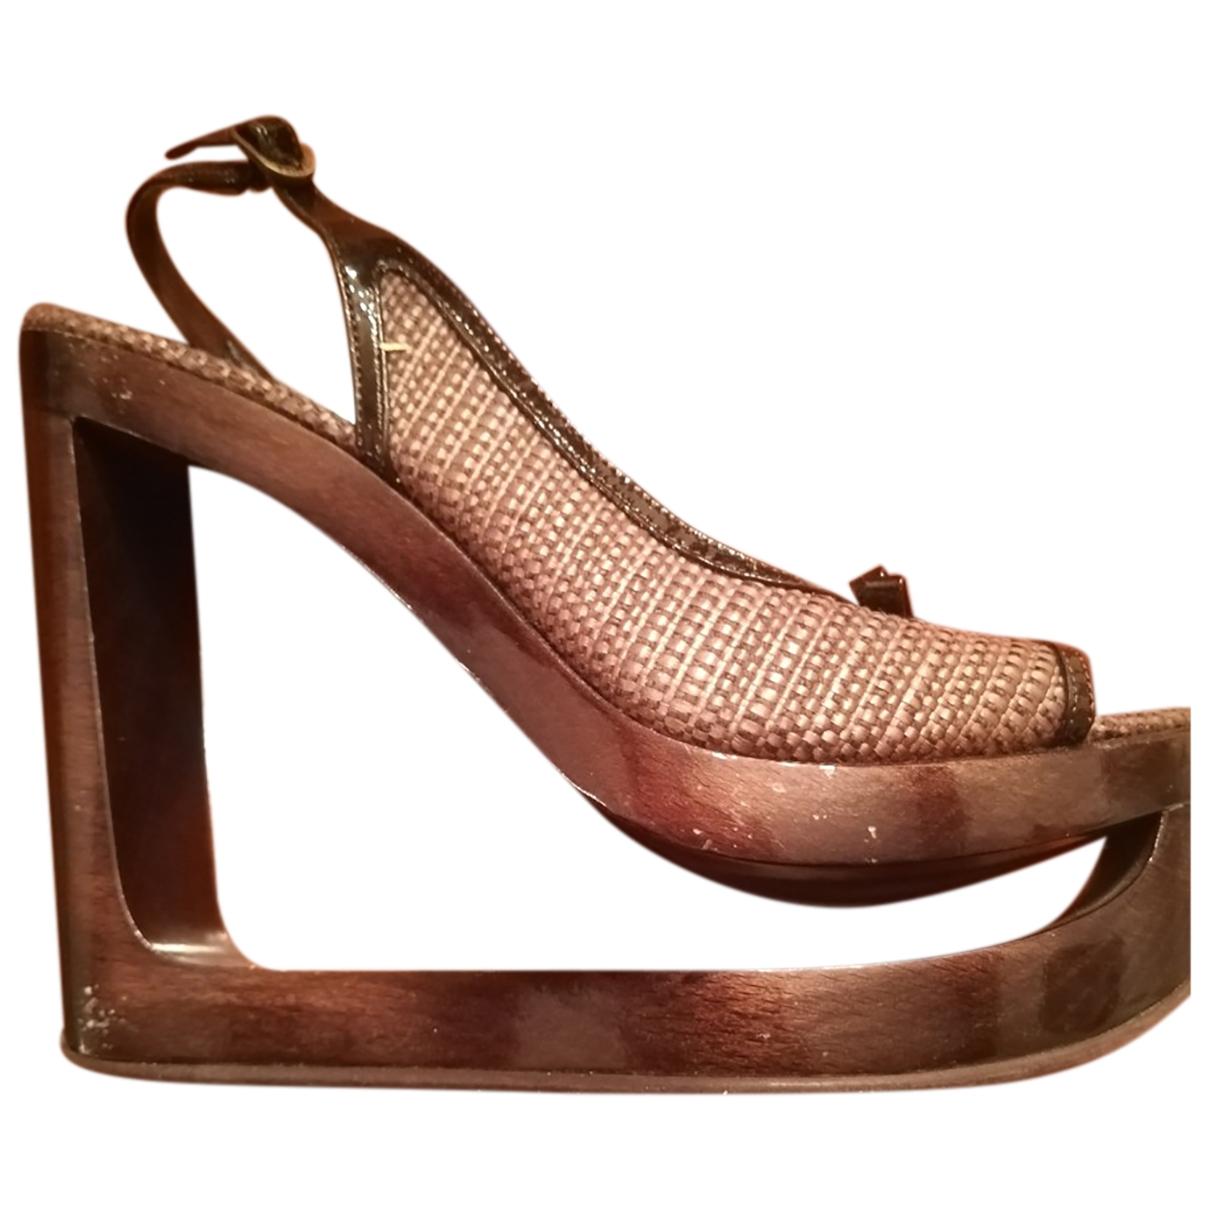 Le Silla - Escarpins   pour femme en toile - marron